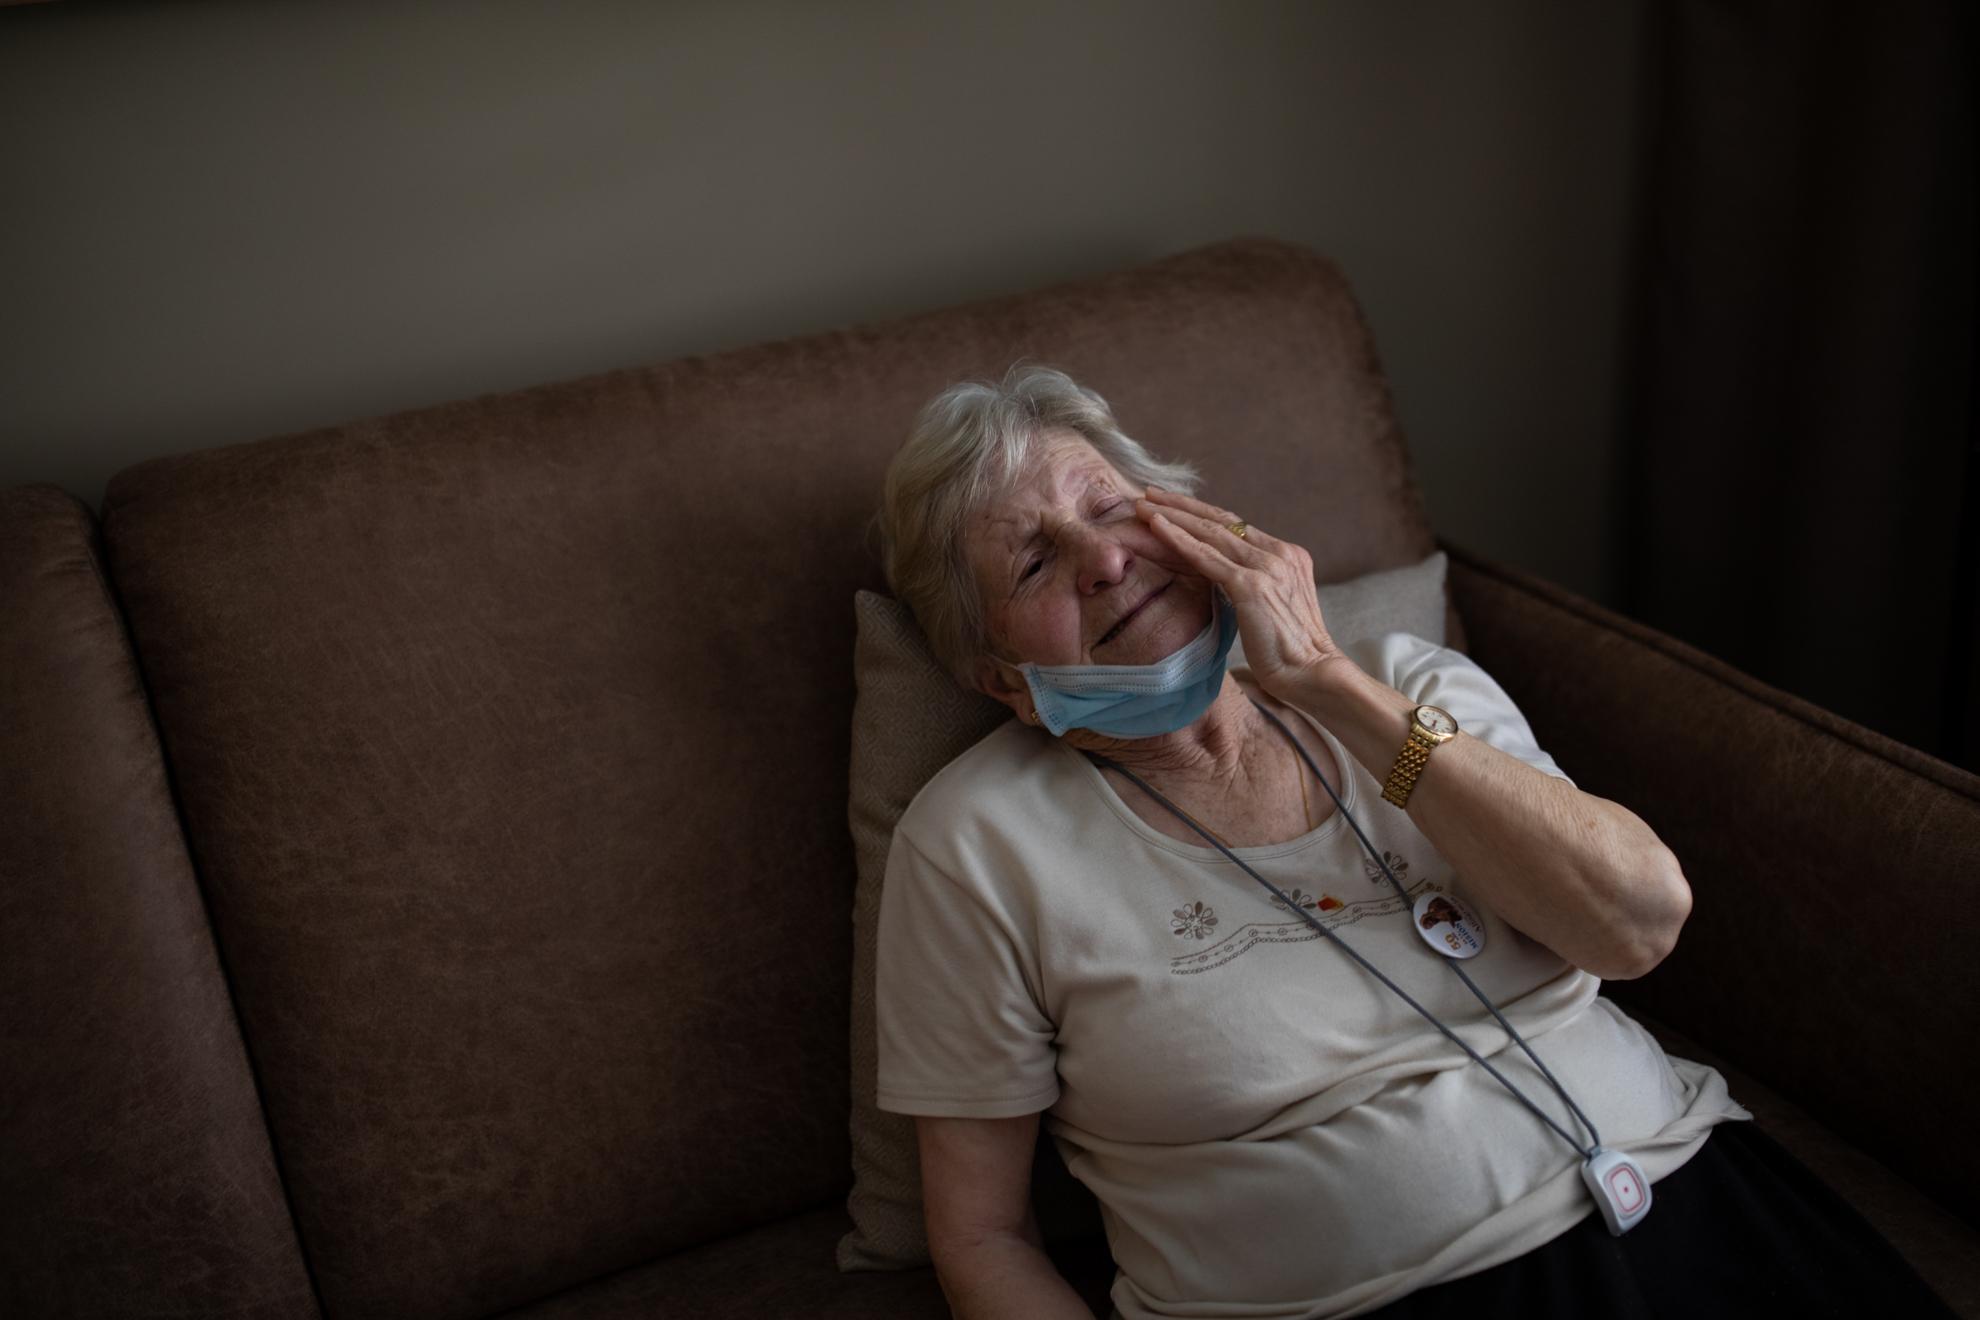 Concepción (85) es cordobesa, pero lleva más de medio siglo viviendo en Madrid. Ella no tiene familia. Trabajó toda su vida limpiando en una casa, y ahora son los asistentes sociales del Ayuntamiento los que la cuidad a ella. Debido al Covid-19, esta asistencia se vio interrumpida, pero le ofrecieron una solución para que pudiera estar atendida: que se trasladase a un hotel de apartamentos en el centro de la ciudad (el Eurobuilding 2), transformado ahora en residencia para personas mayores, donde les dan también la atención sanitaria que puedan necesitar. Concepción quiere volver pronto a su casa, y salir a la calle a comprar el pan como cada día. Pero hasta que la situación se lo permita, este hotel para mayores parece un lugar más humano y seguro que algunas residencias que han protagonizado las crónicas más negras durante el estado de alarma que nos ha tocado vivir.